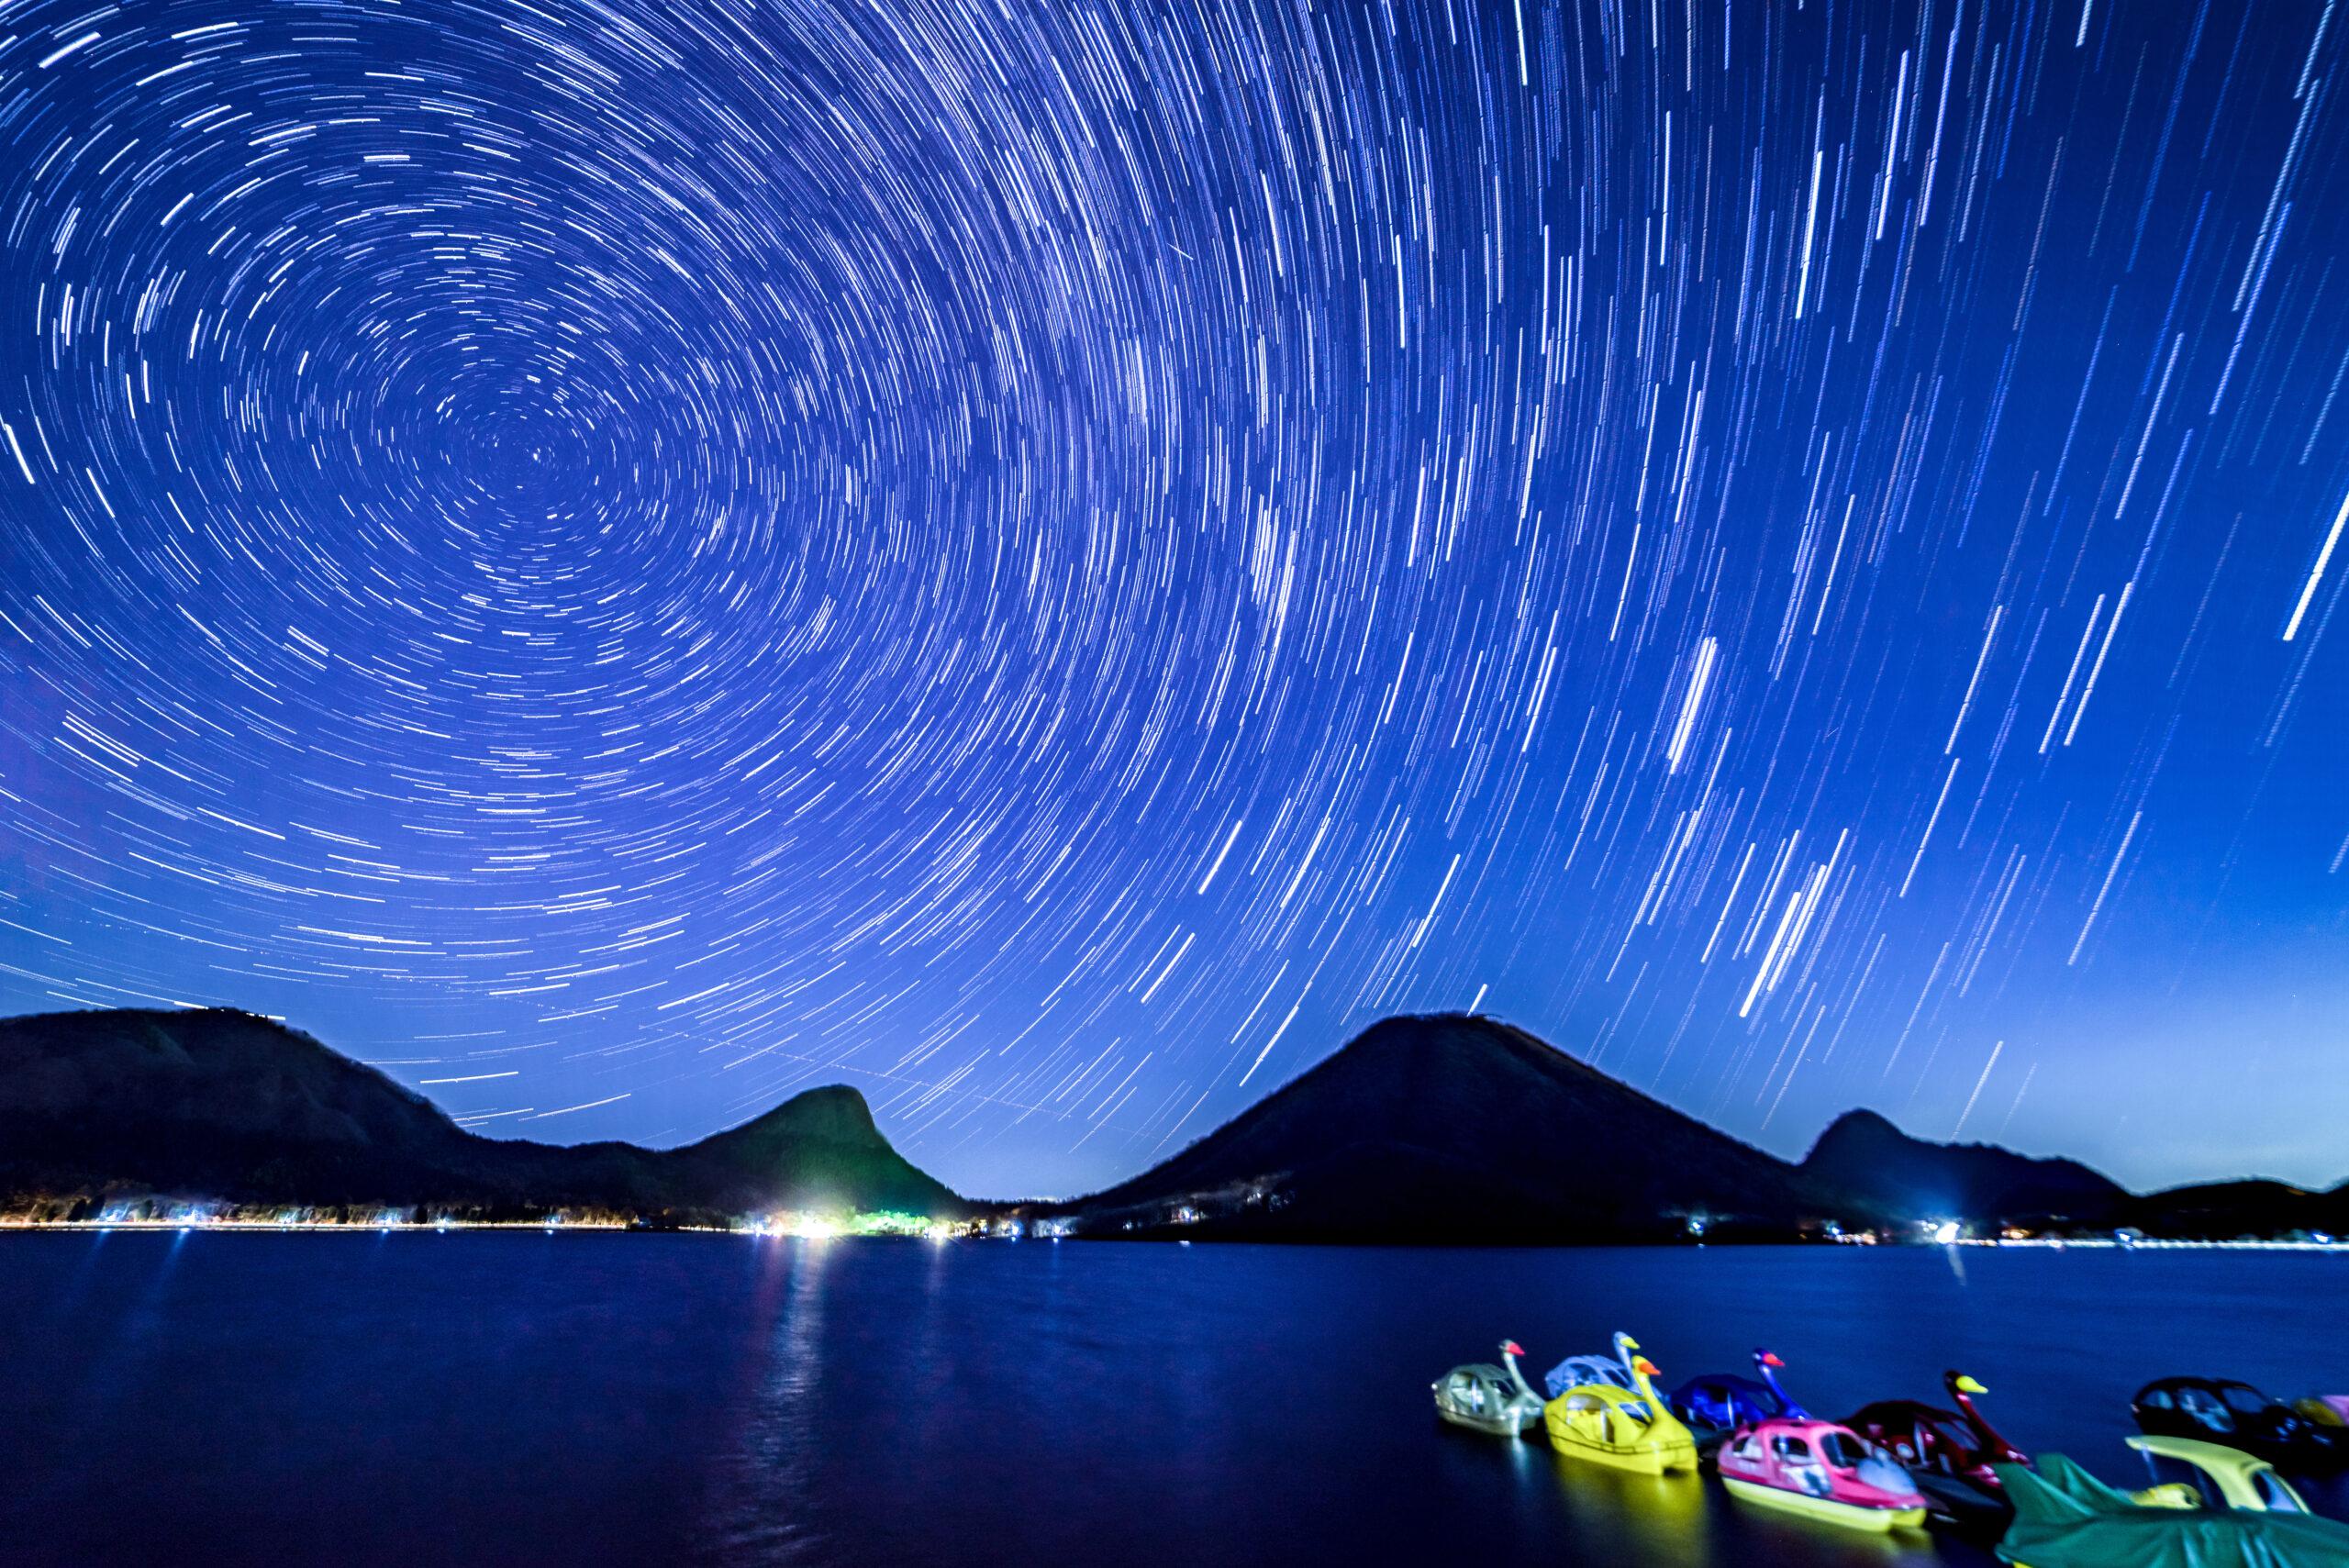 高崎市榛名湖畔の星景写真